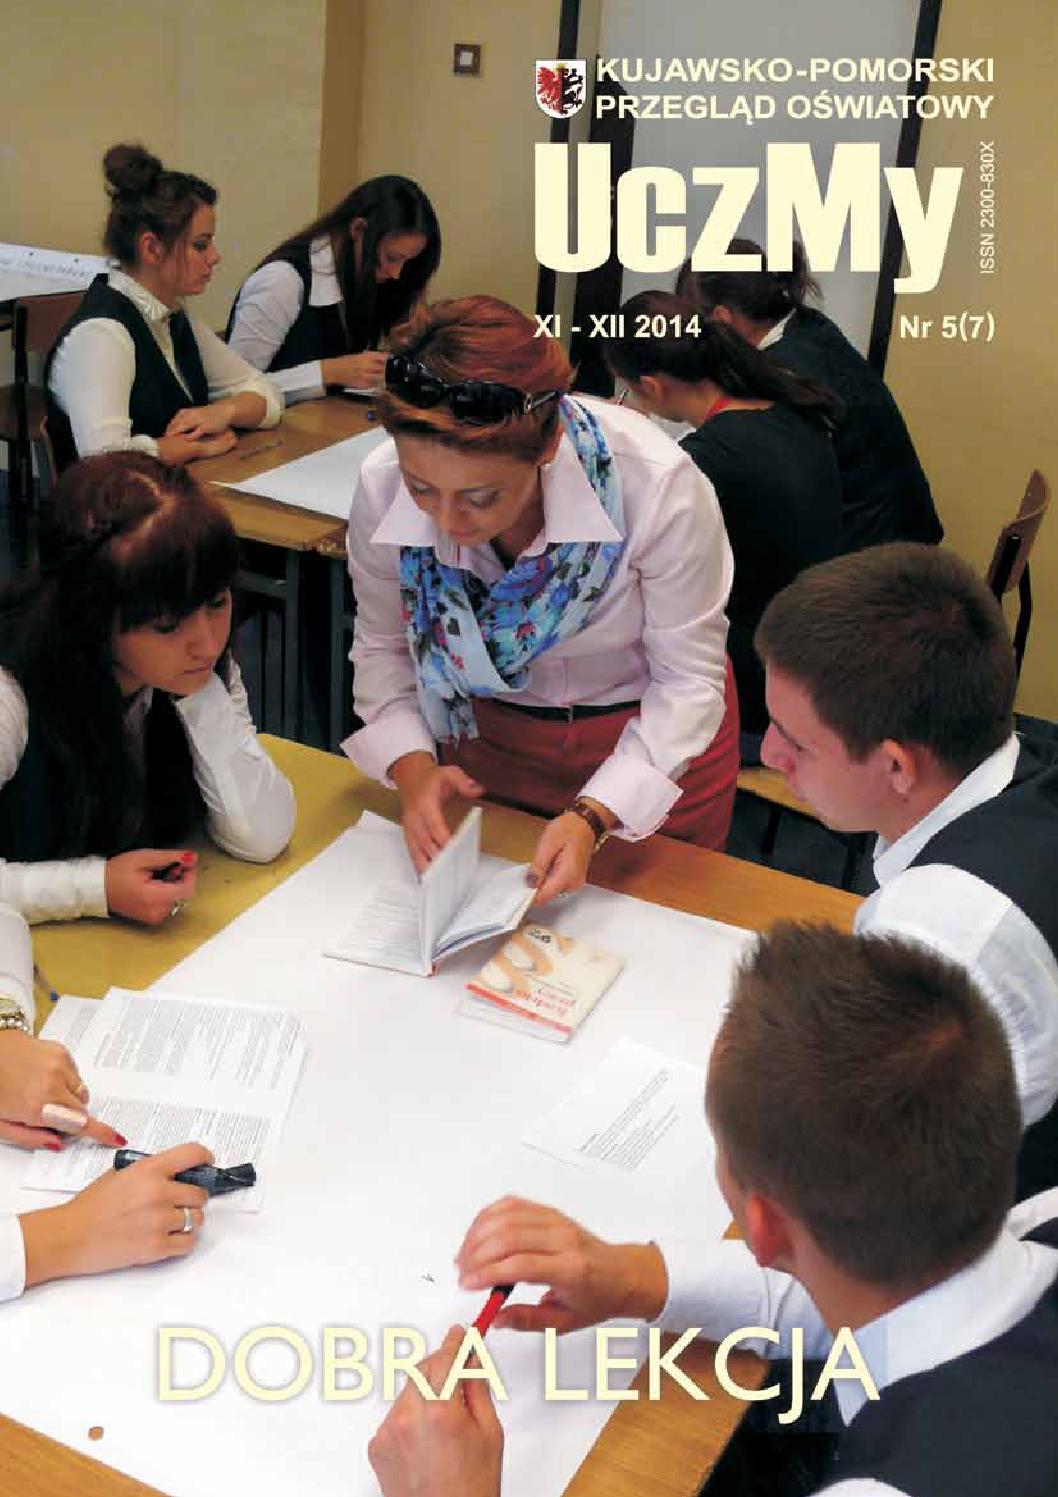 Czasopismo Listopad 25 Xi By Magdalena Brewczyńska Issuu